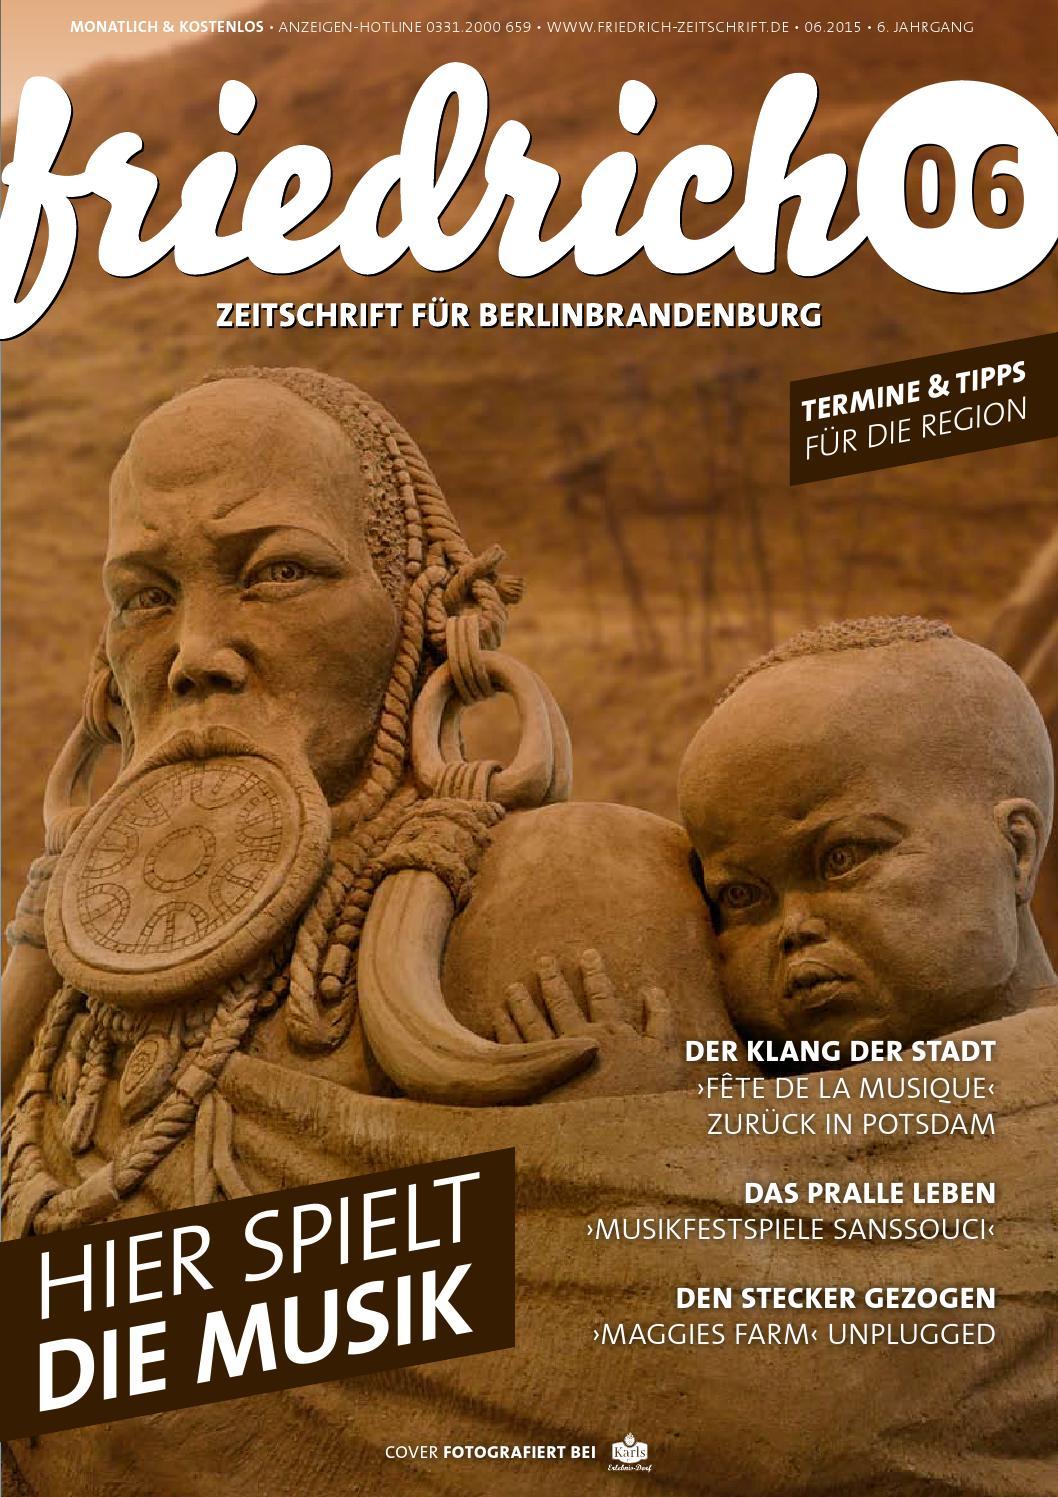 friedrich zeitschrift f r berlinbrandenburg by fzbbmedia gmbh issuu. Black Bedroom Furniture Sets. Home Design Ideas